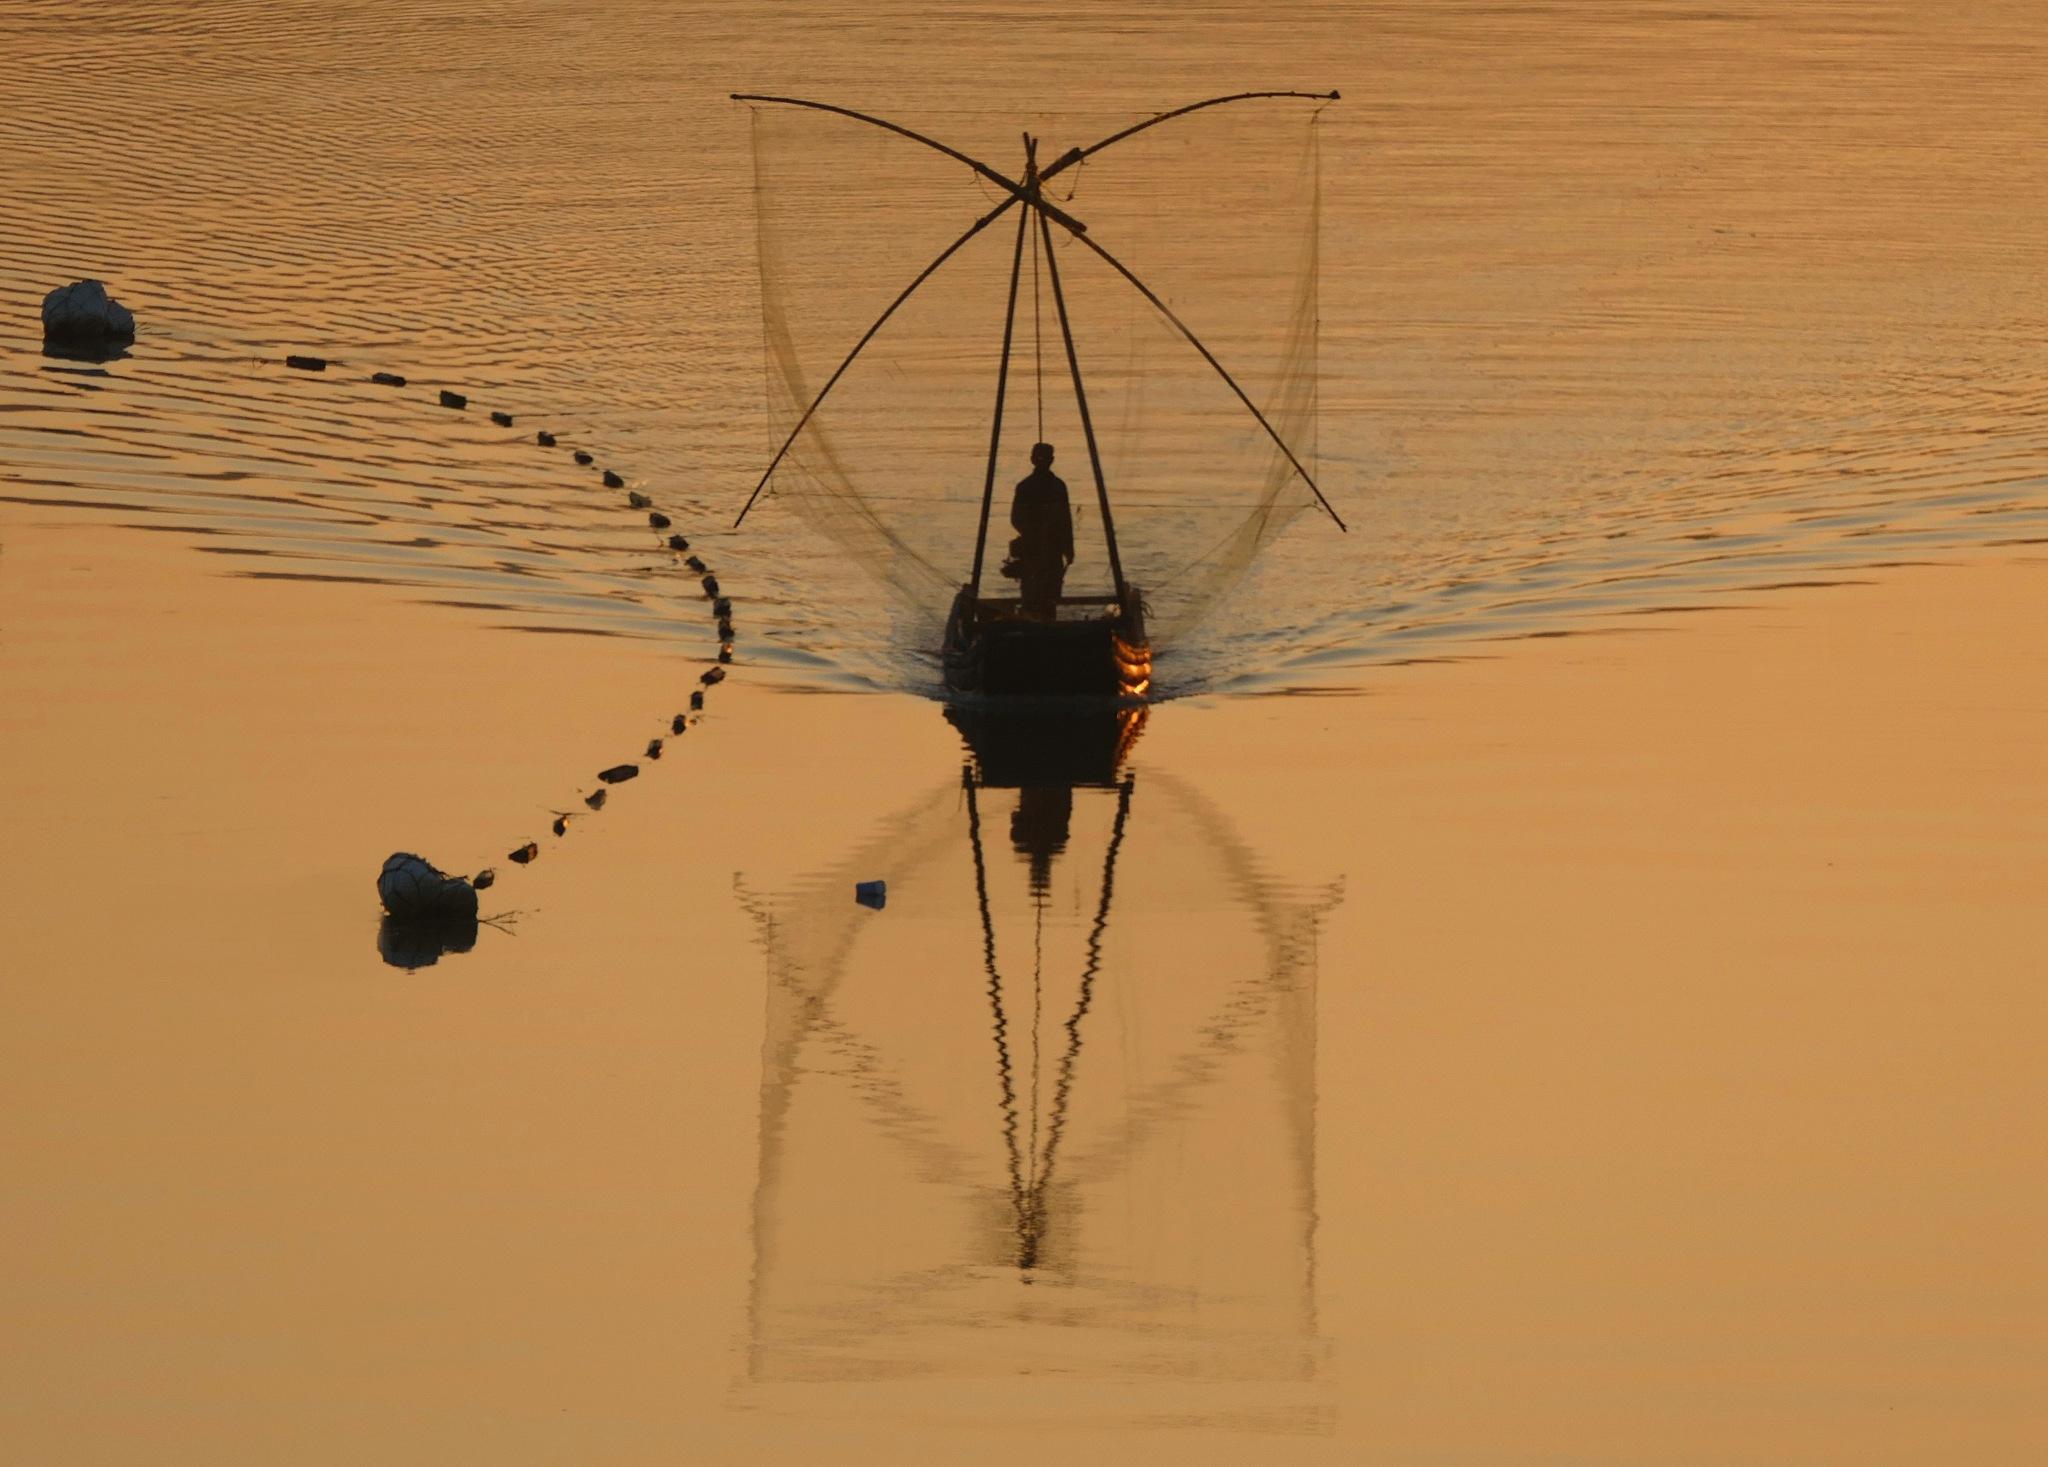 Fisherman, Xia Qing Shan-2 by pop88123